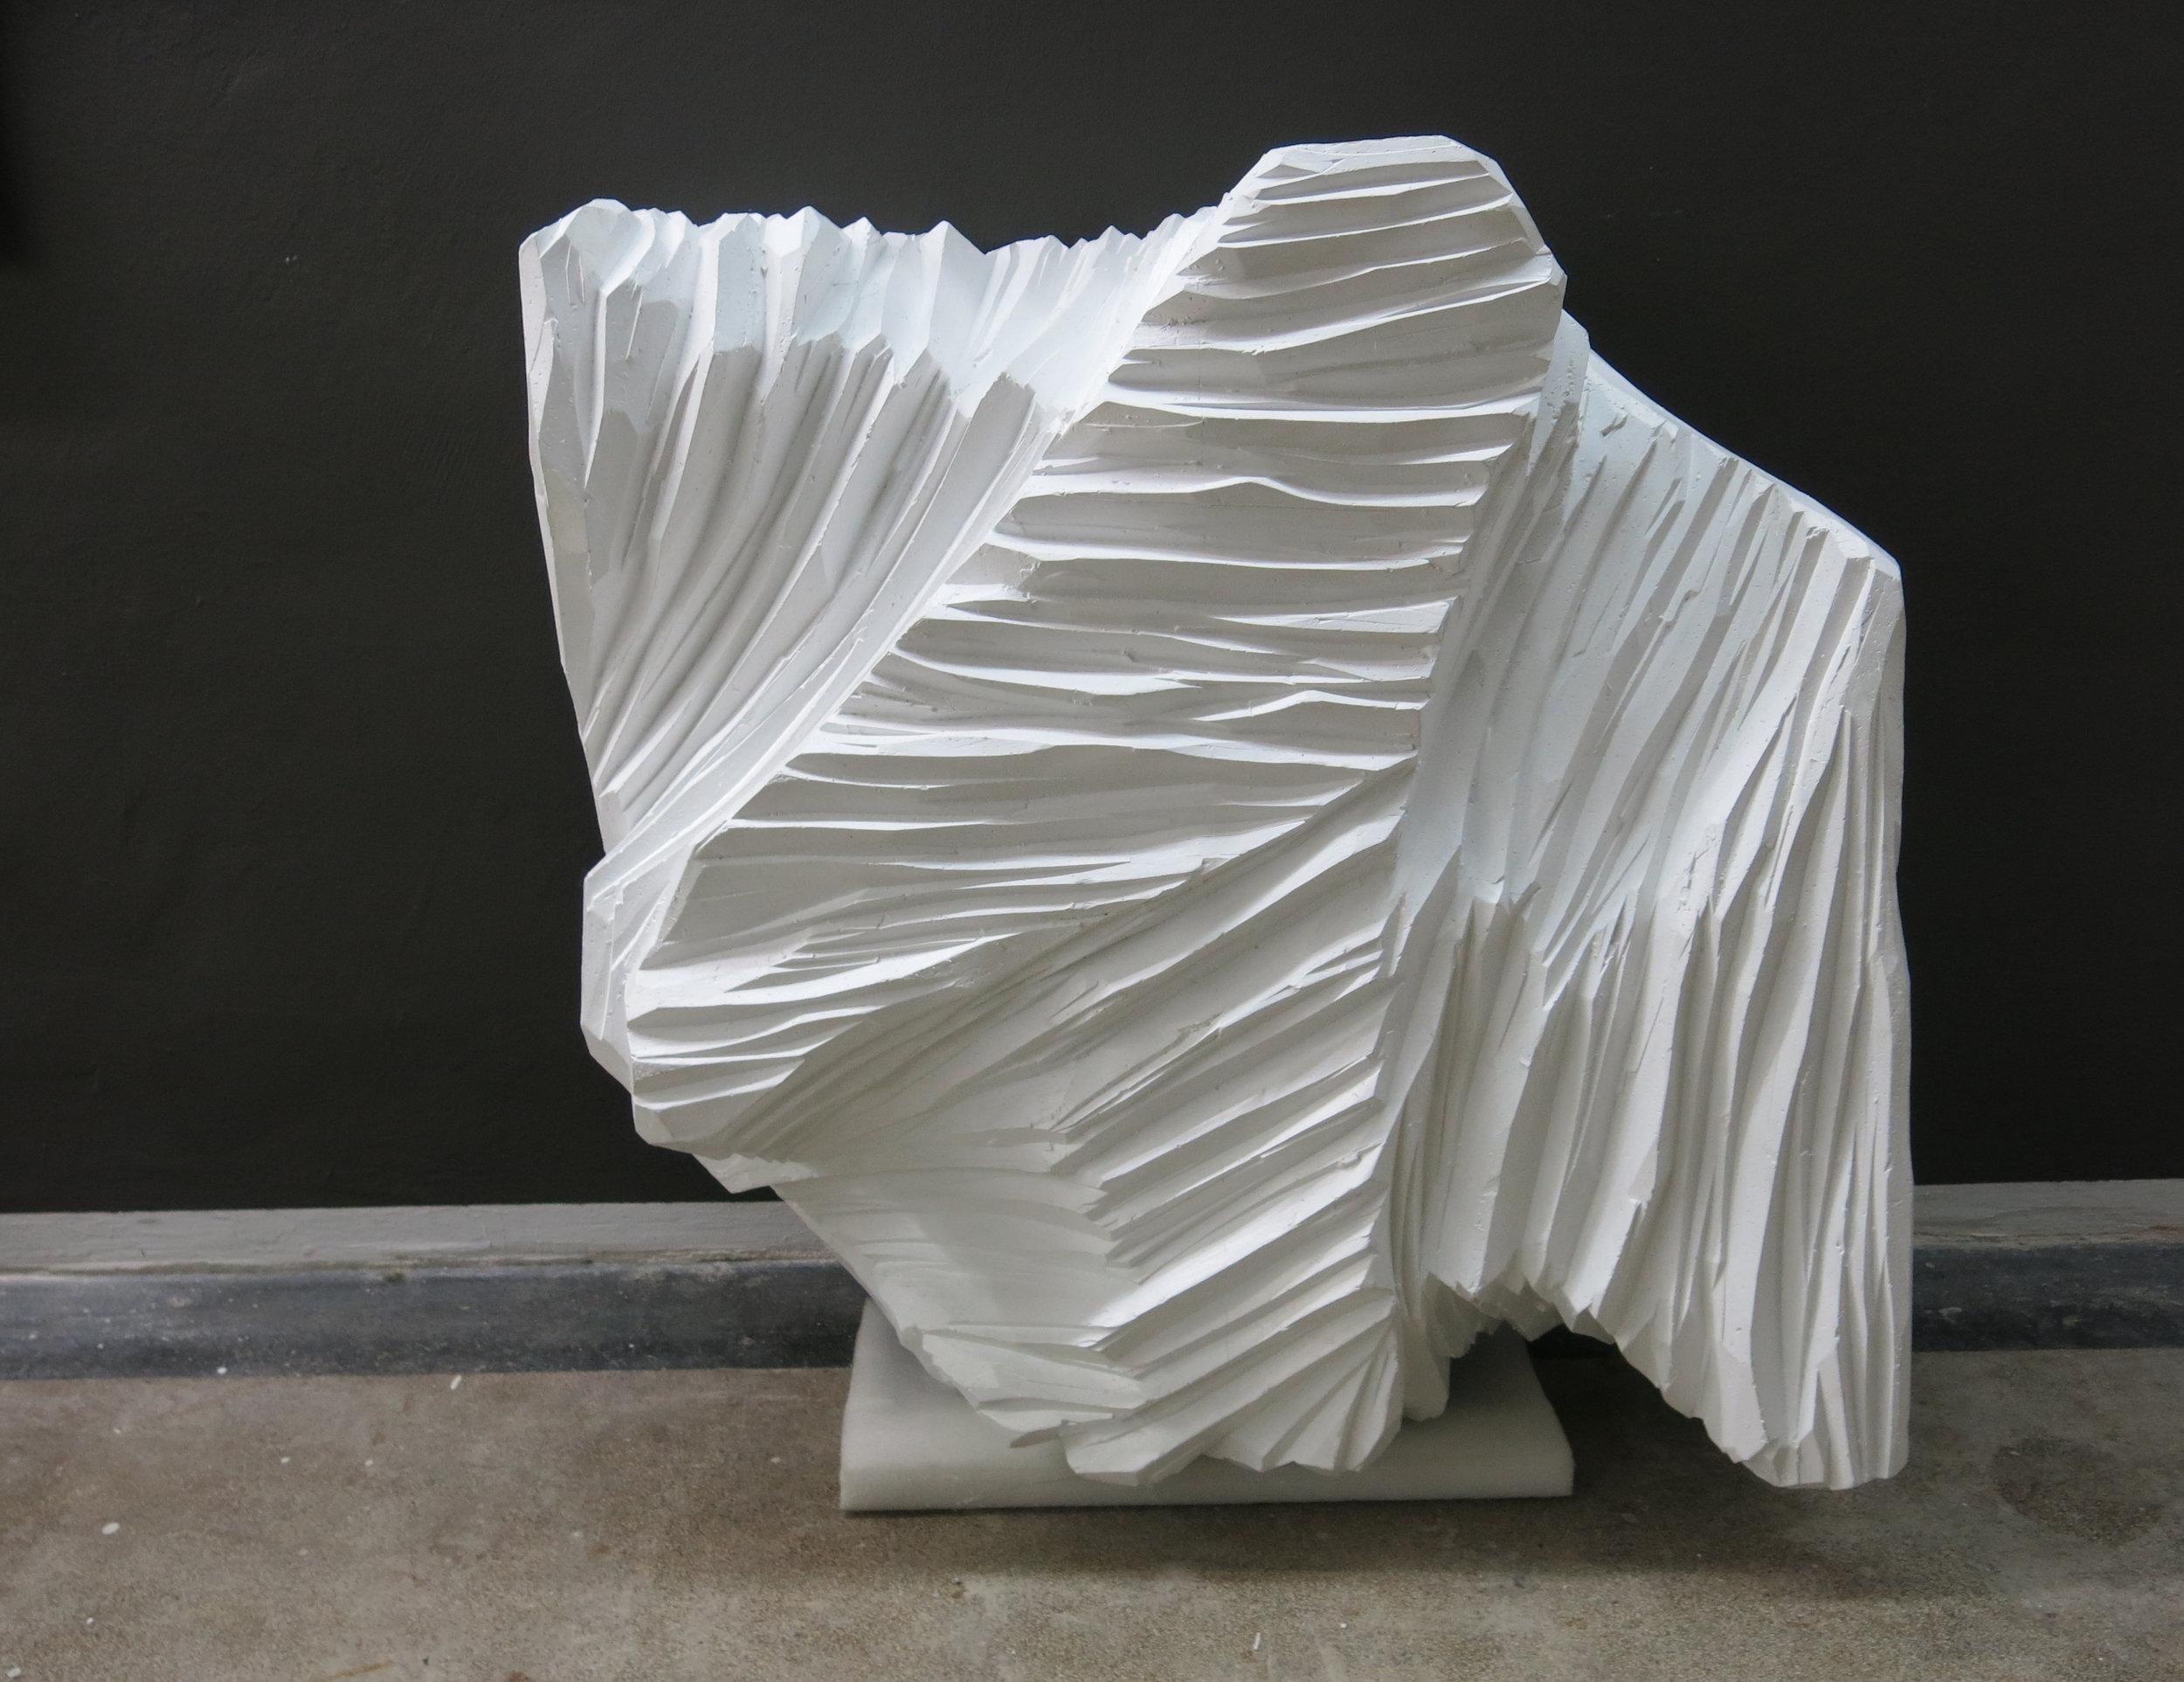 web222-sculpture-white-giselastiegler-in-art-studio-marion-friedmann-gallery.jpg